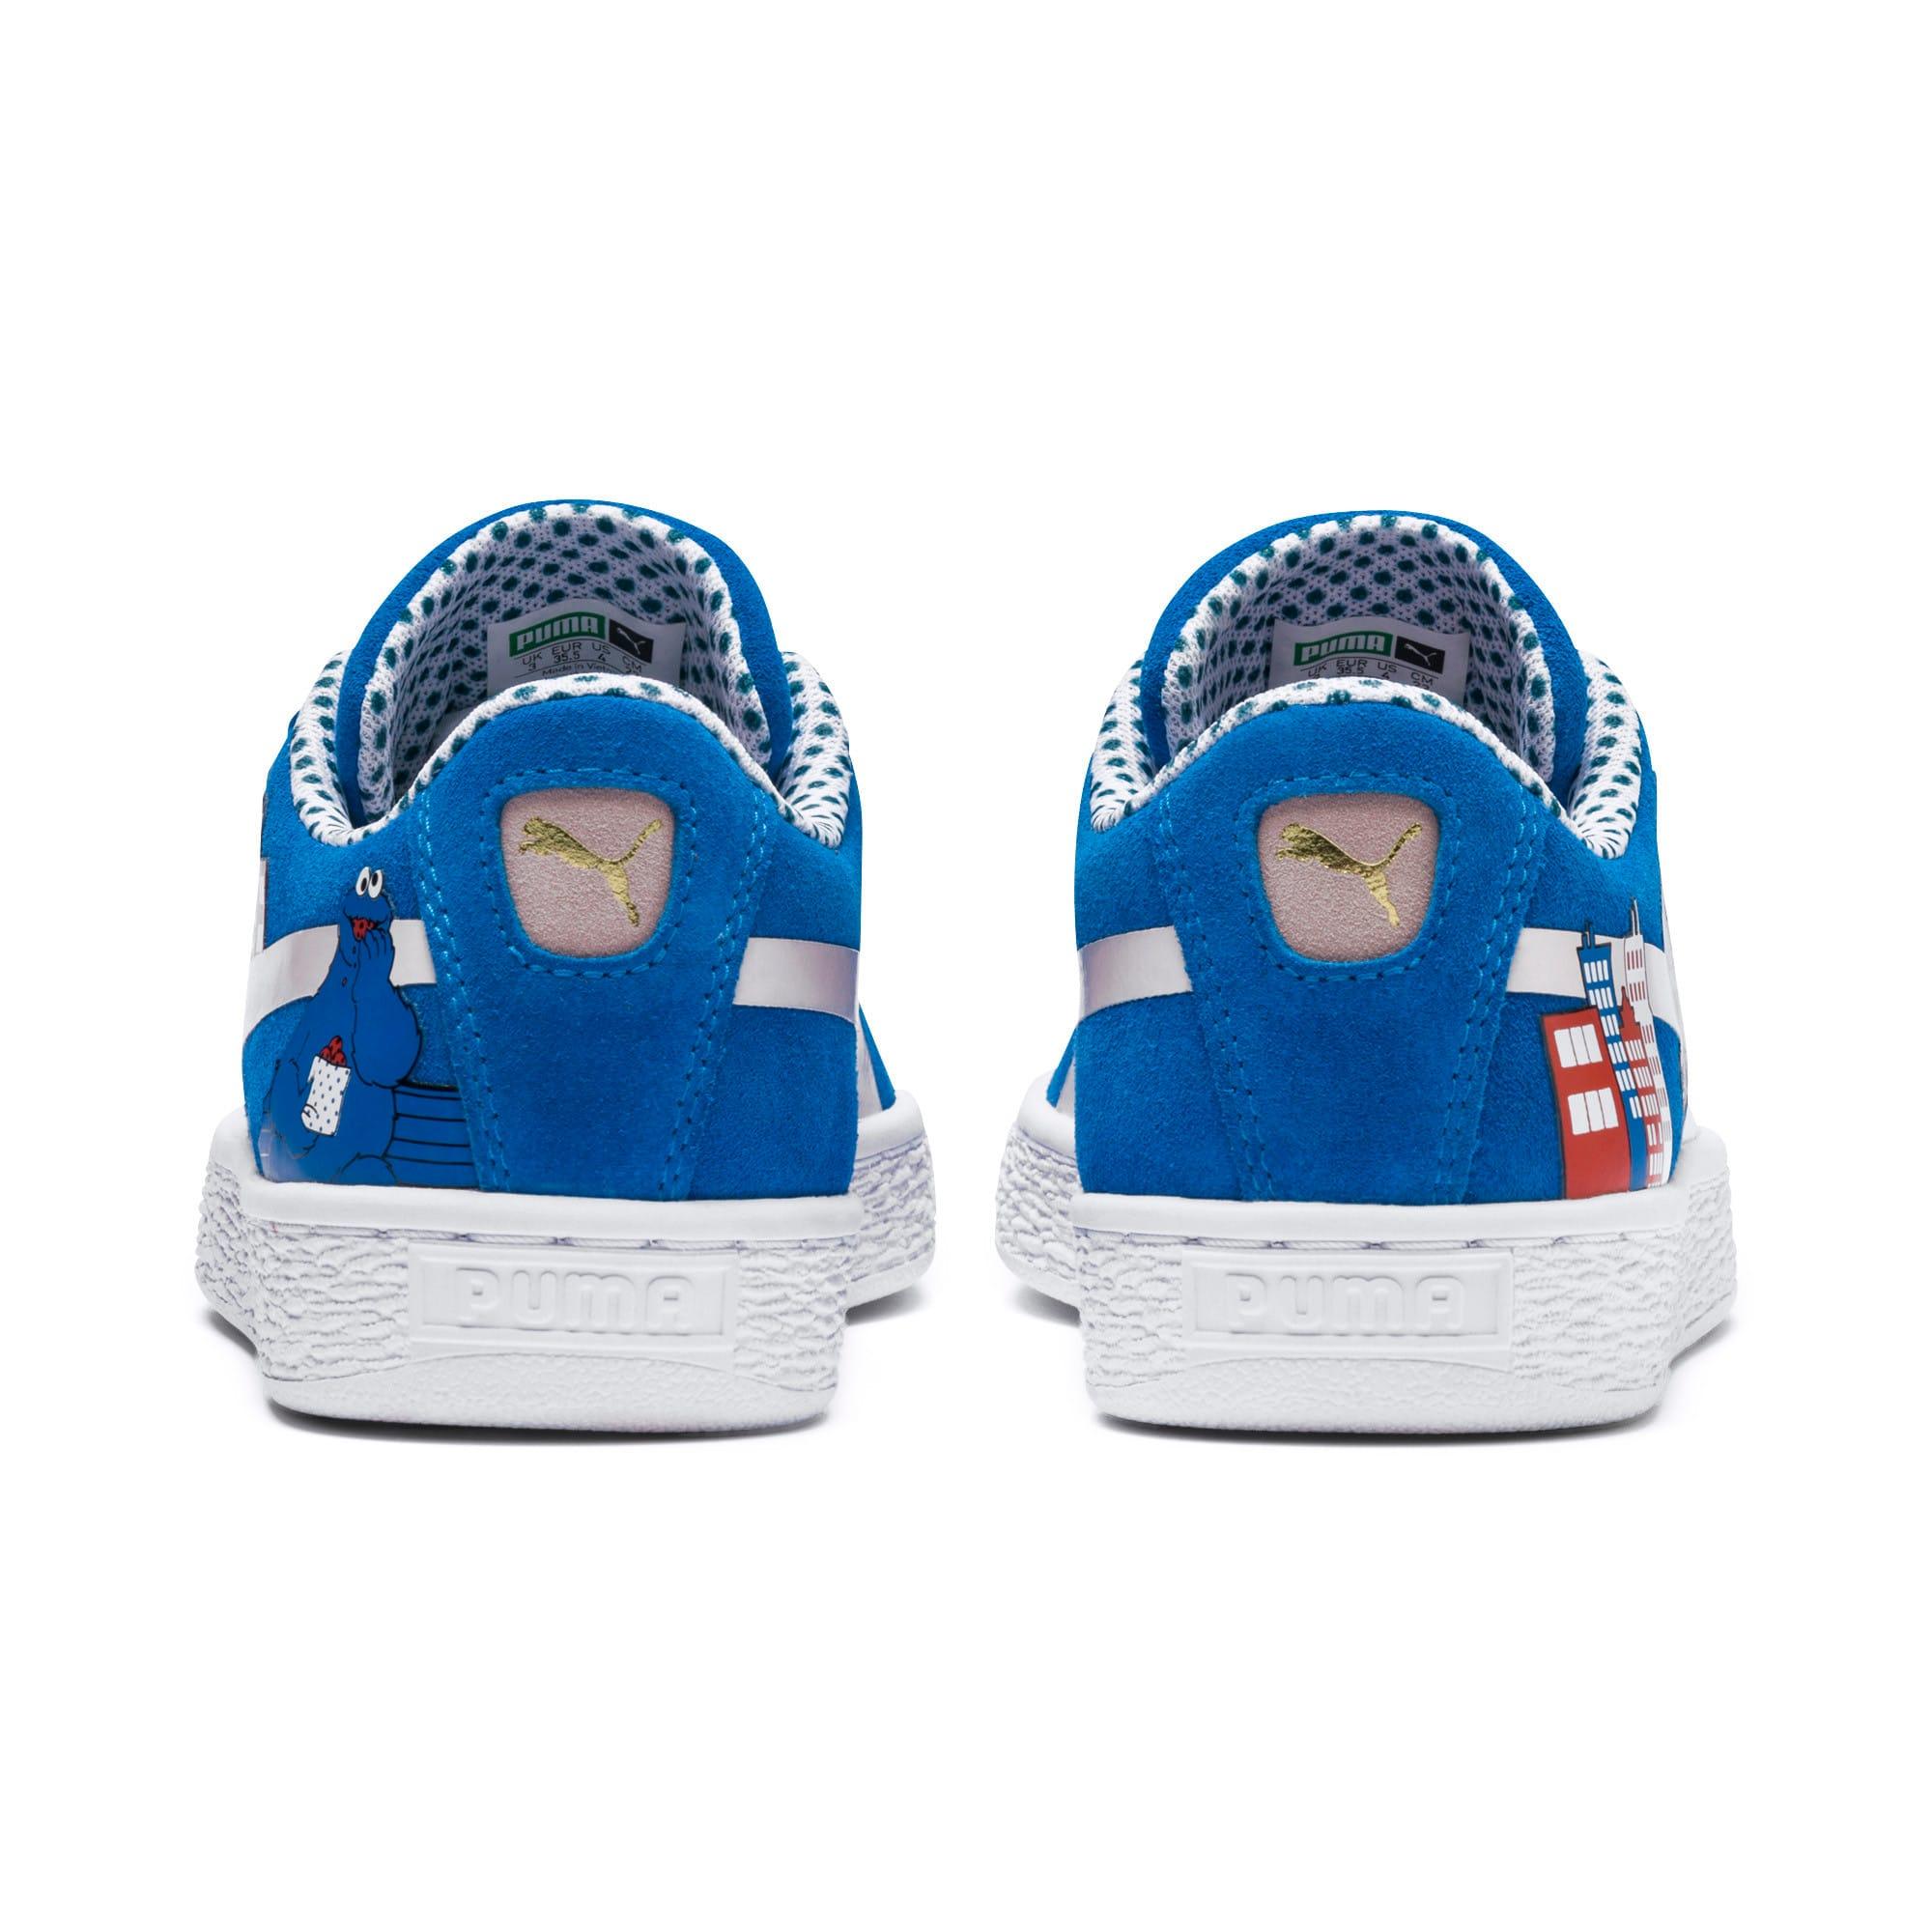 Miniatura 3 de Zapatos deportivosSesame Street 50 Suede para junior, Indigo Bunting-Veiled Rose, mediano